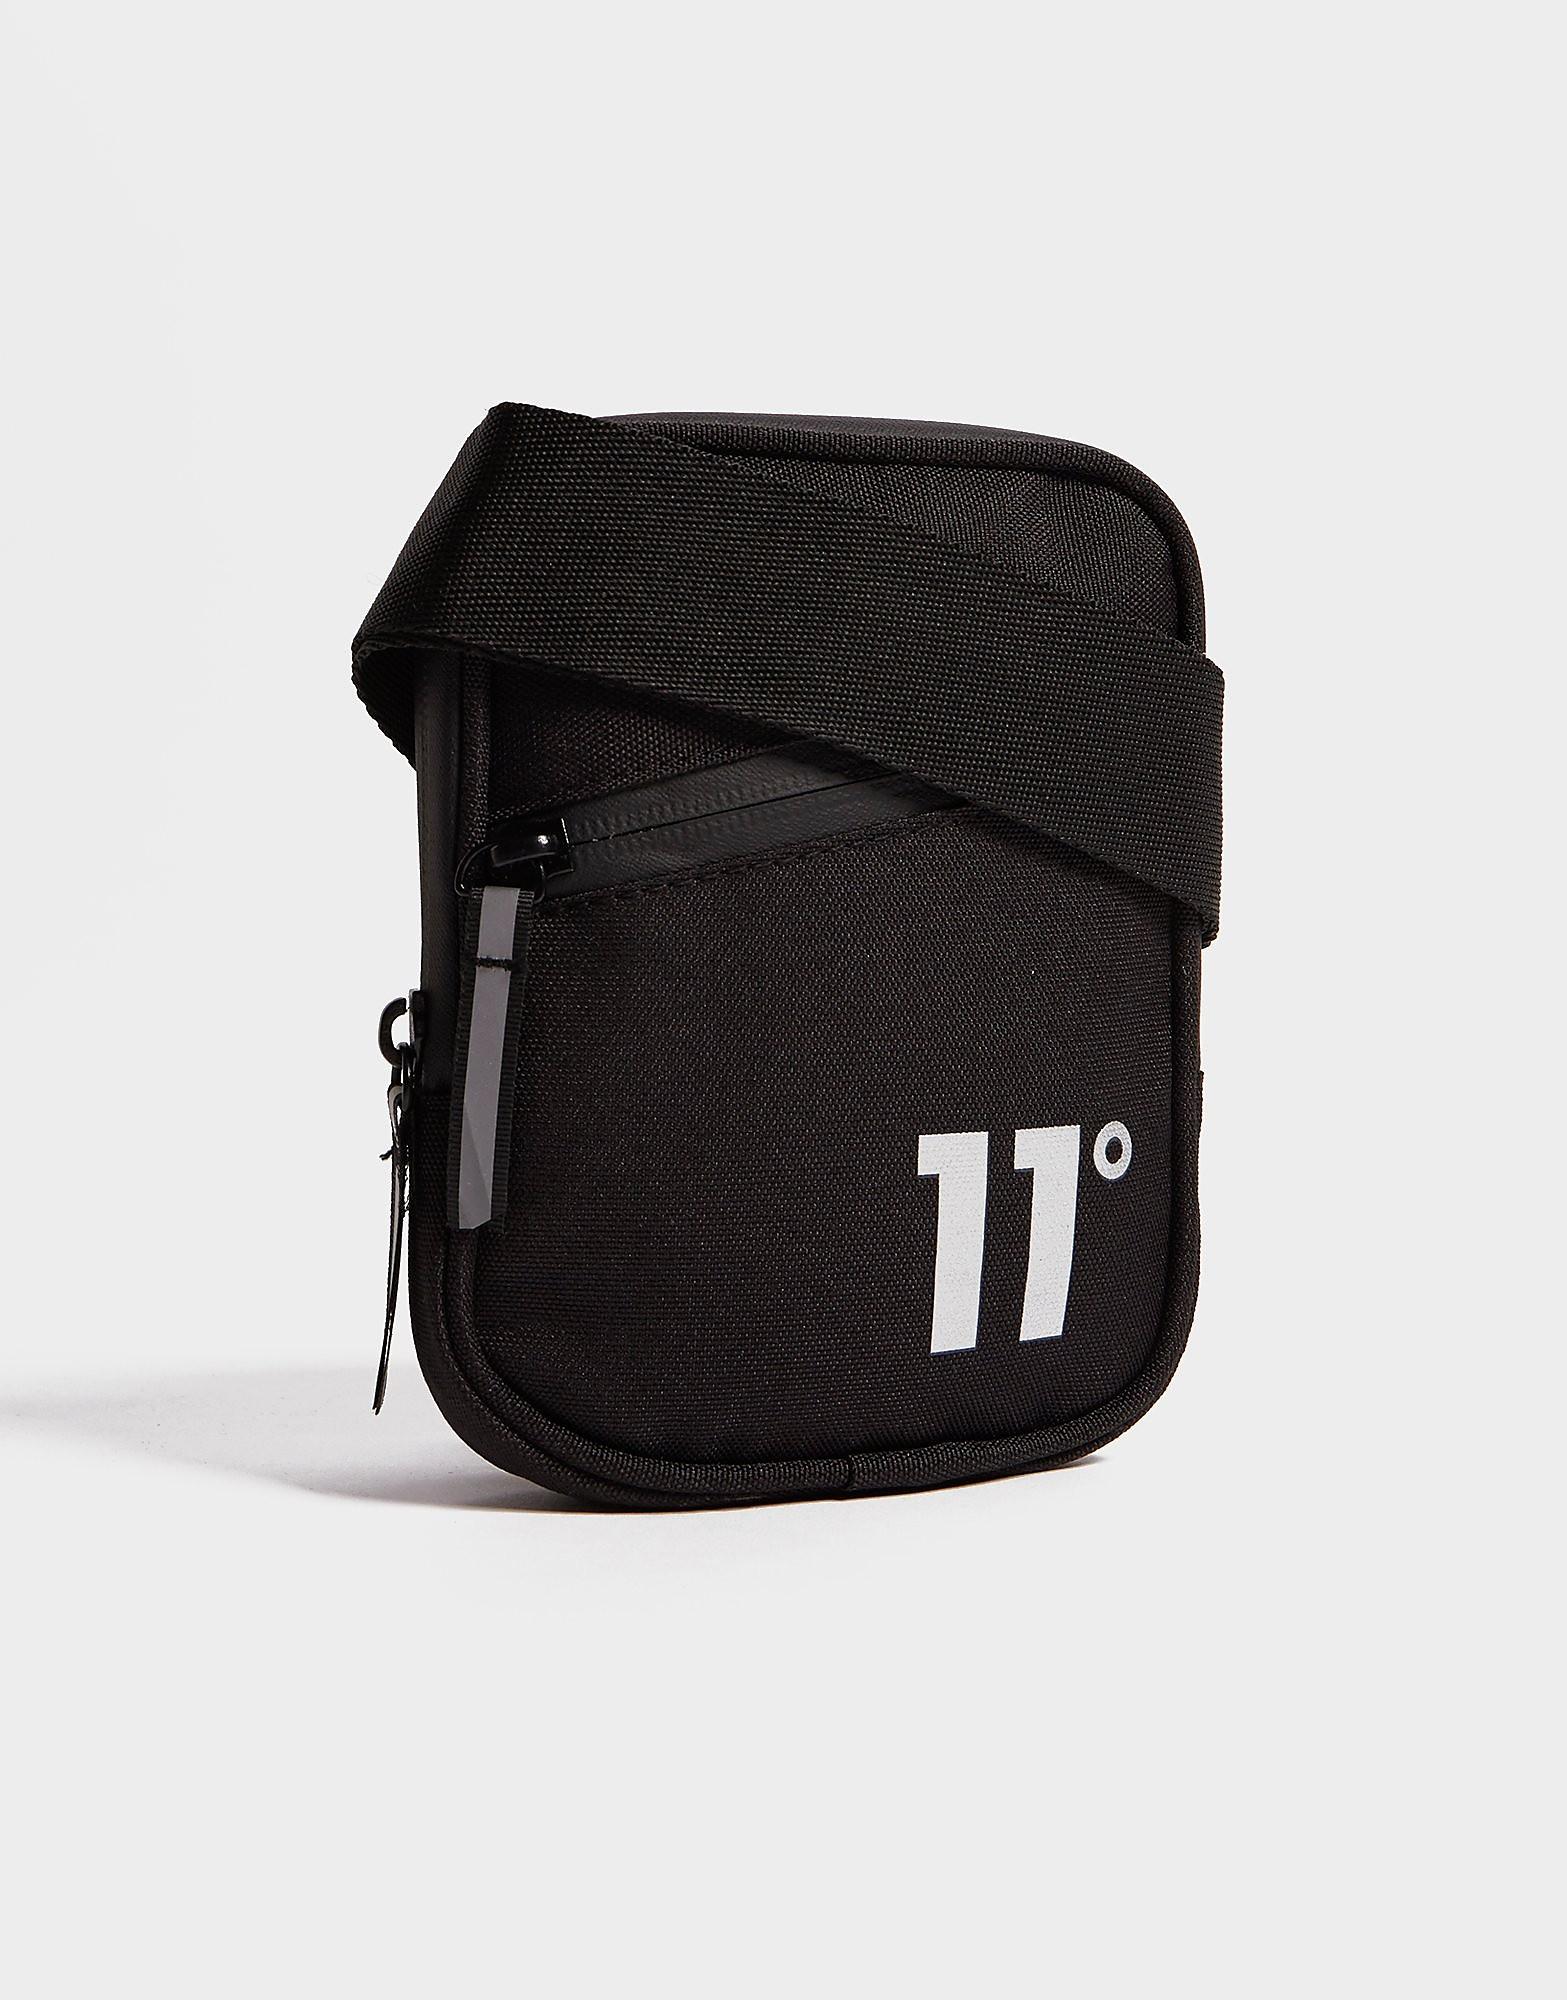 11 Degrees Cross Body Bag